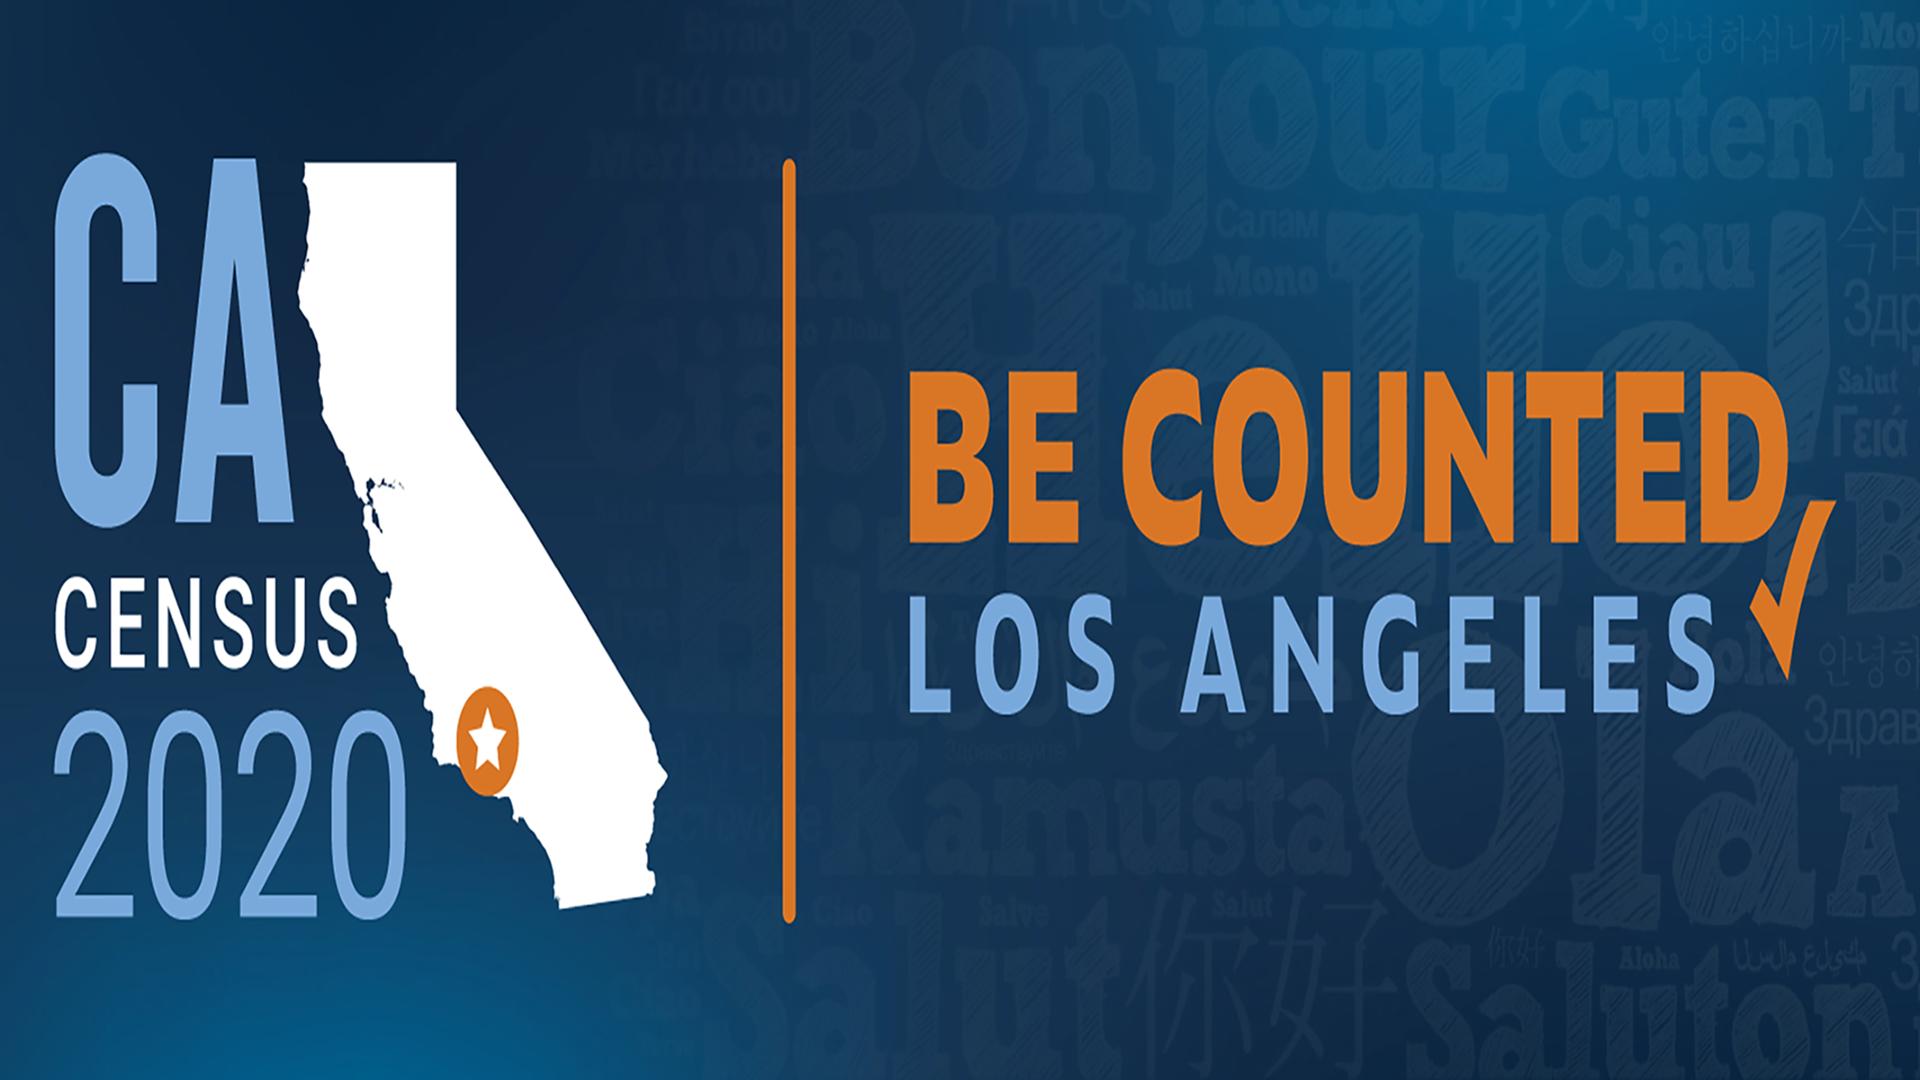 โลโก้รูปแผนที่รัฐแคลิฟอร์เนีย พร้อมข้อความการจัดทำสำมะโนประชากรในปี 2020 Be Counted Los Angeles